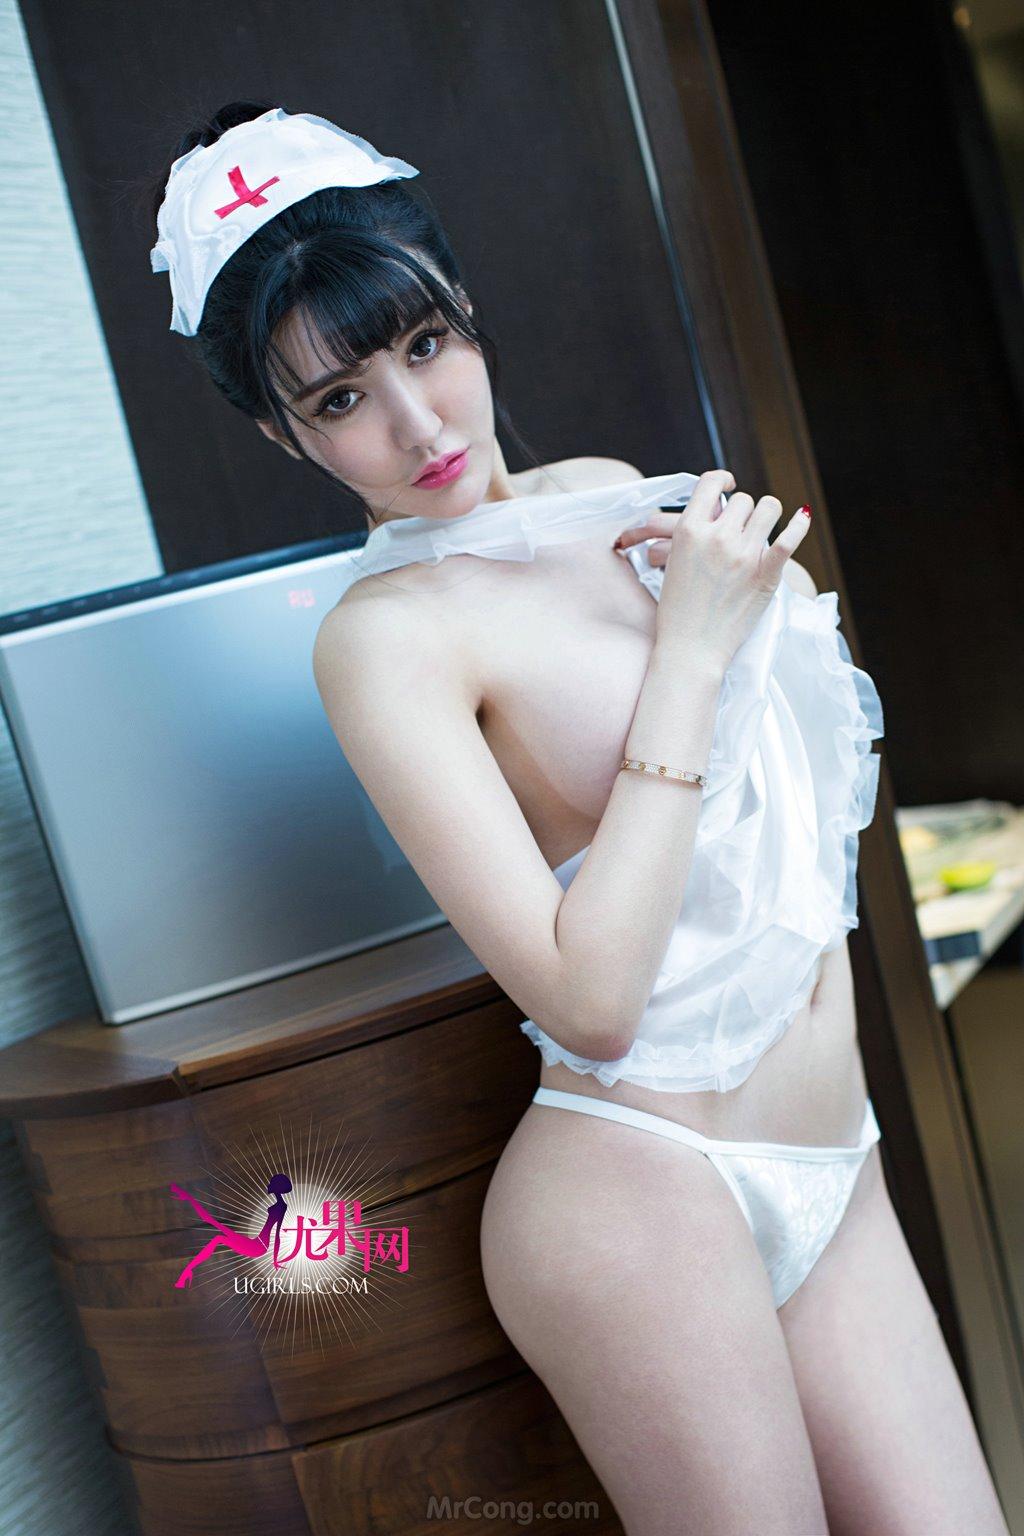 Image MrCong.com-UGIRLS-088-Dai-Bei-Qi-025 in post Người đẹp Dai Bei Qi (黛蓓琪) khoe thân hình nóng bỏng trong bộ ảnh UGIRLS 088